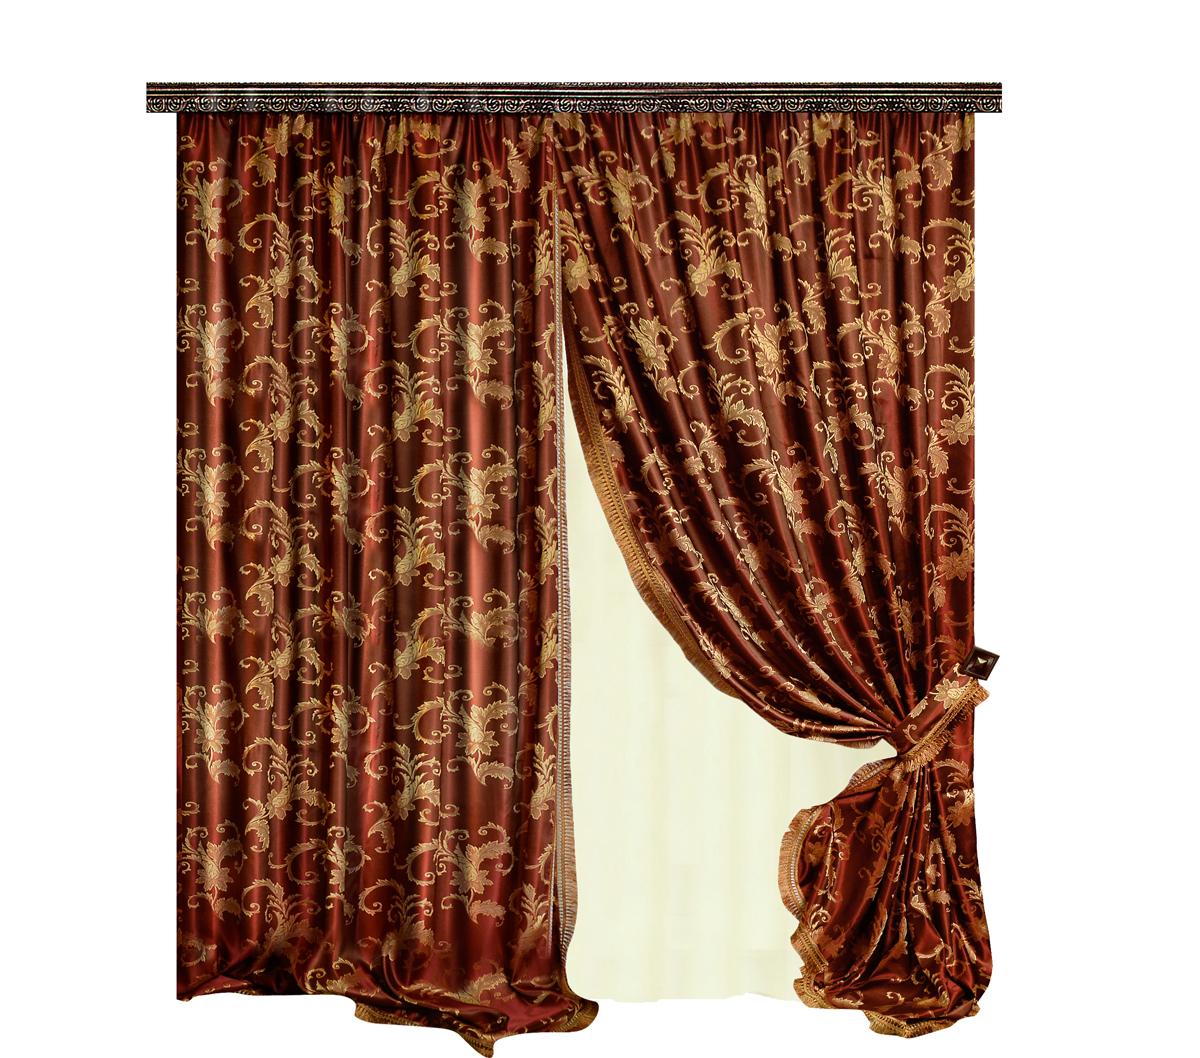 Комплект штор Zlata Korunka, на ленте: 2, цвет: бордовый, высота 270 см. 777165777165Роскошный комплект штор Zlata Korunka комплект состоит из двух штор, выполненных из 100% полиэстера, которые великолепно украсит любоеокно. Плотная ткань, оригинальный орнамент и приятная, приглушенная гамма привлекут к себе внимание и органично впишутся в интерьерпомещения.Комплект крепится на карниз при помощи шторной ленты, которая поможеткрасиво и равномерно задрапировать верх. Этот комплект будет долгое время радовать вас и вашу семью!